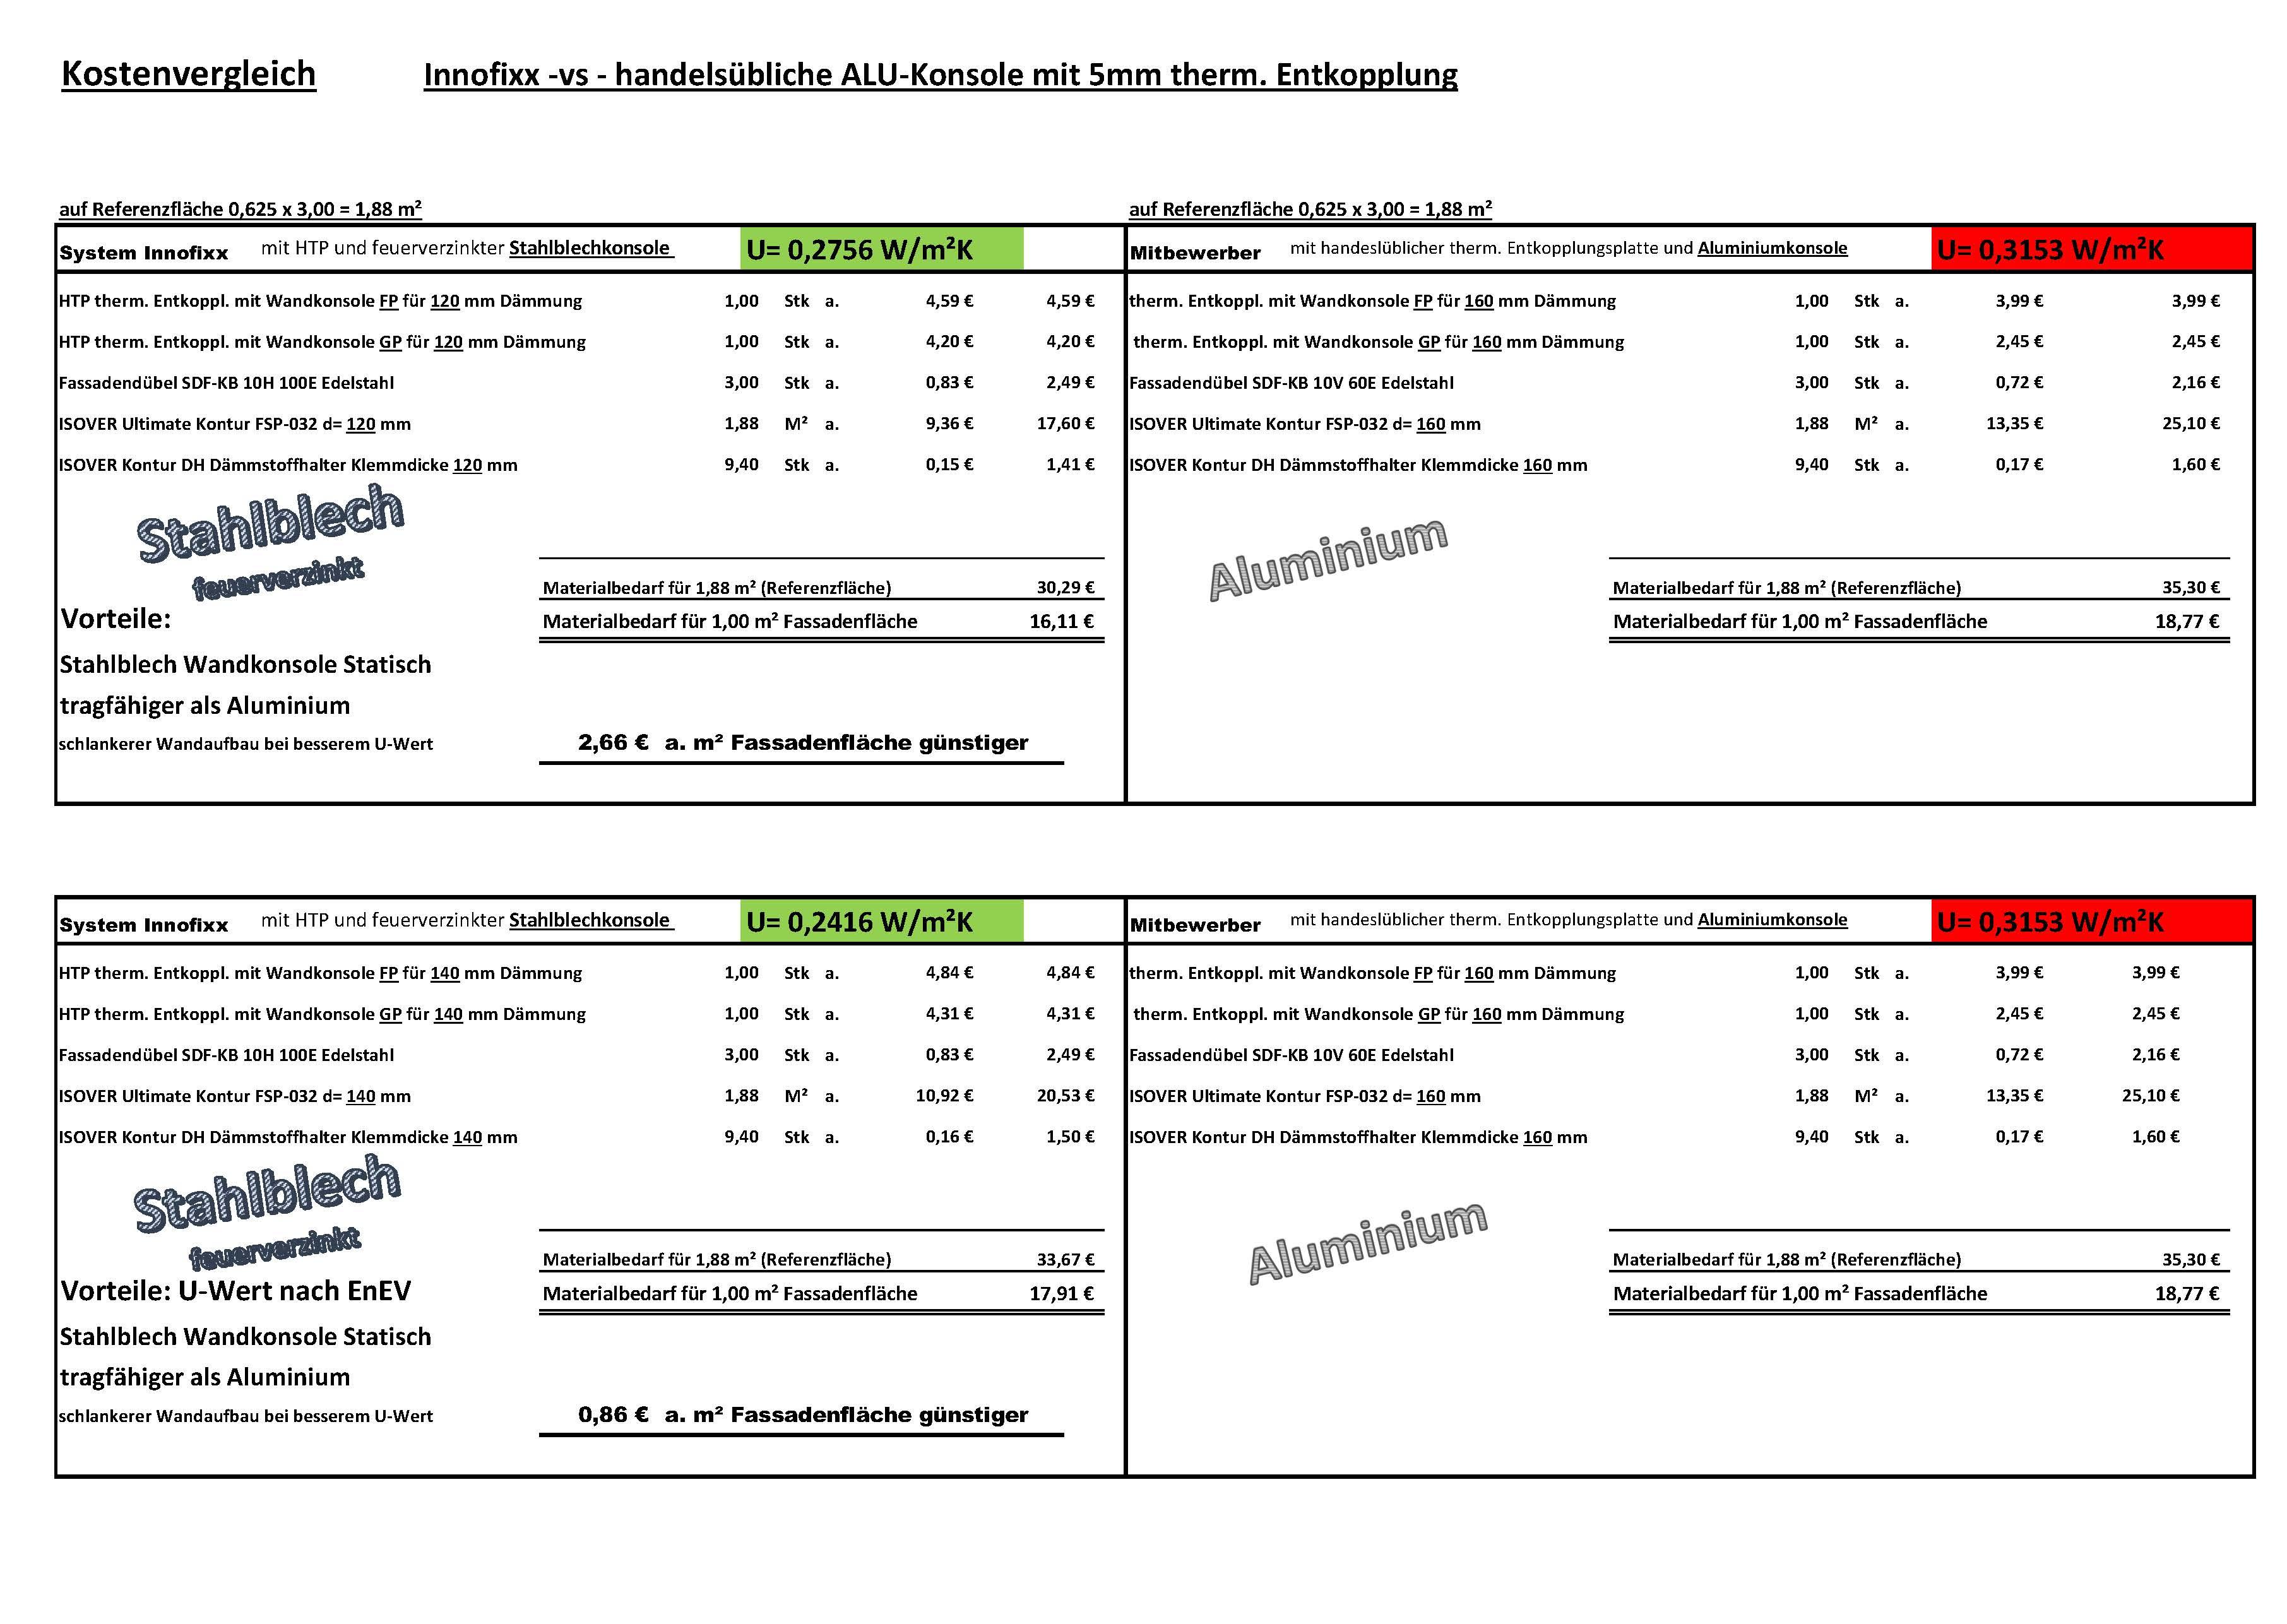 Preisvergleich 100 - 160 mm Stand 07.02.18_Seite_2